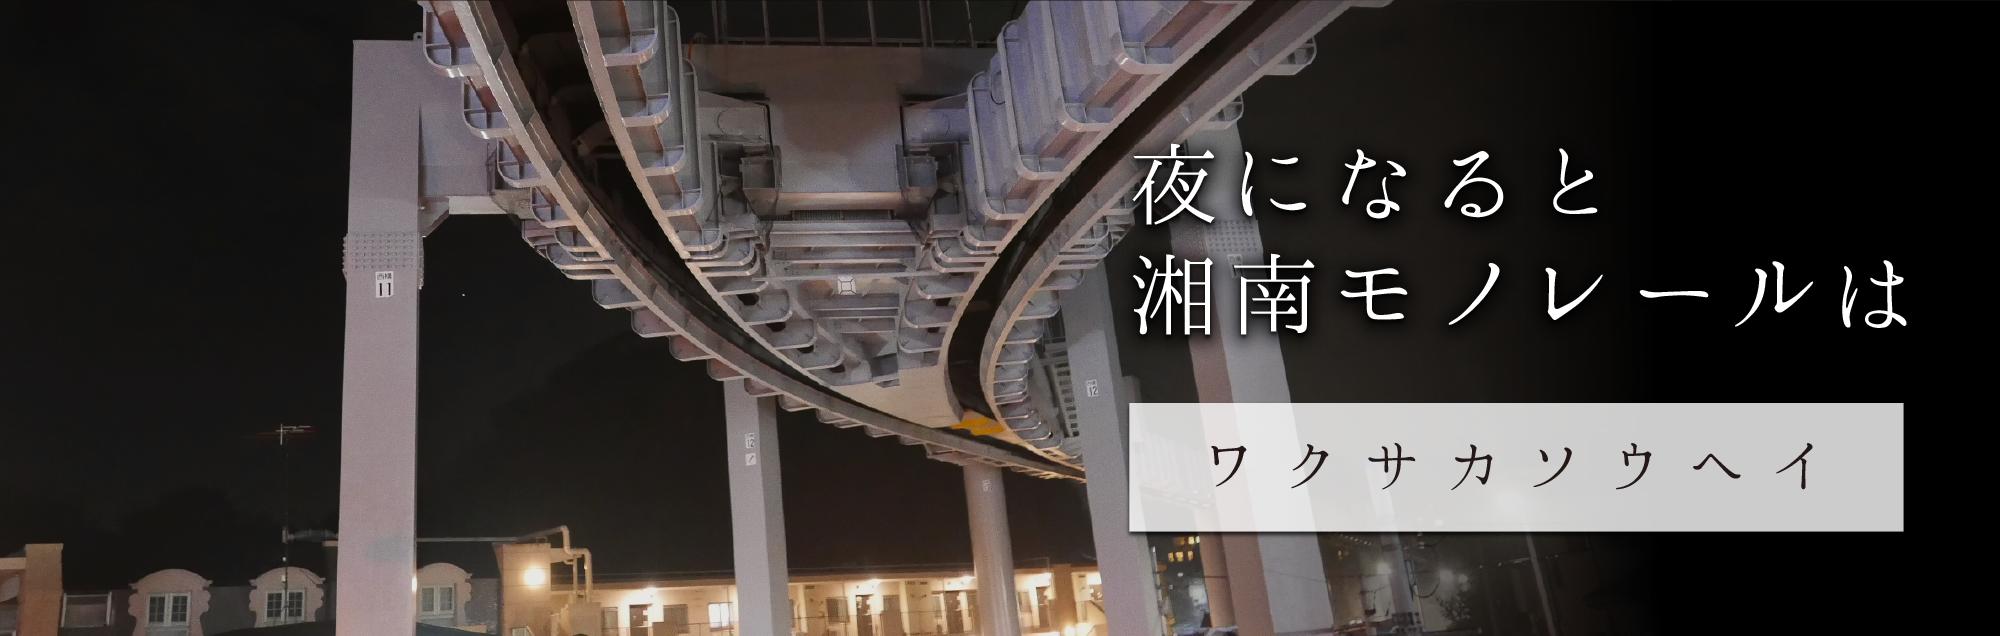 夜になると 湘南モノレールは ワクサカソウヘイ(夜編)